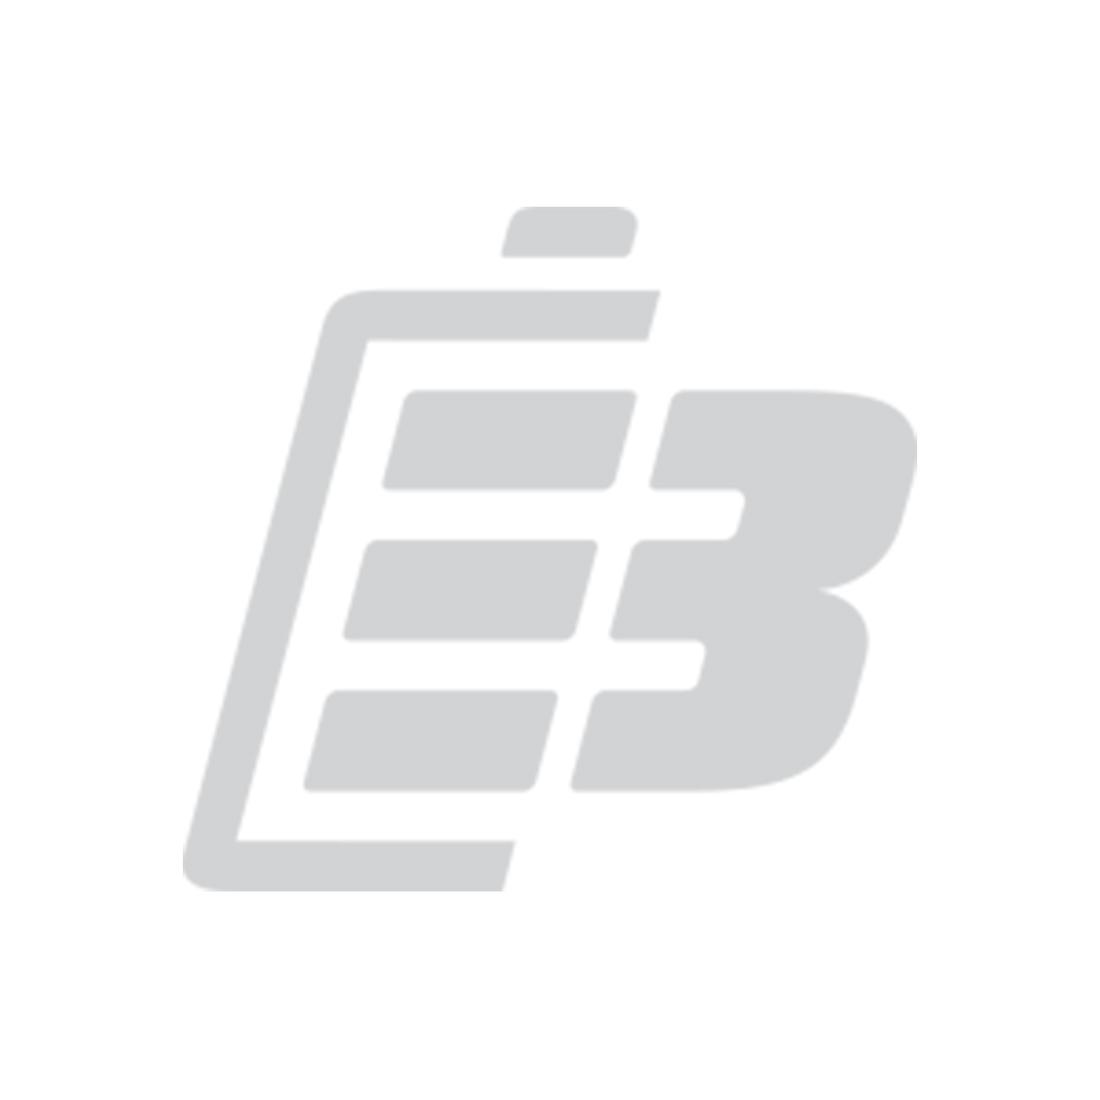 Μπαταρια Μολυβδου Multipower 6V 7Ah